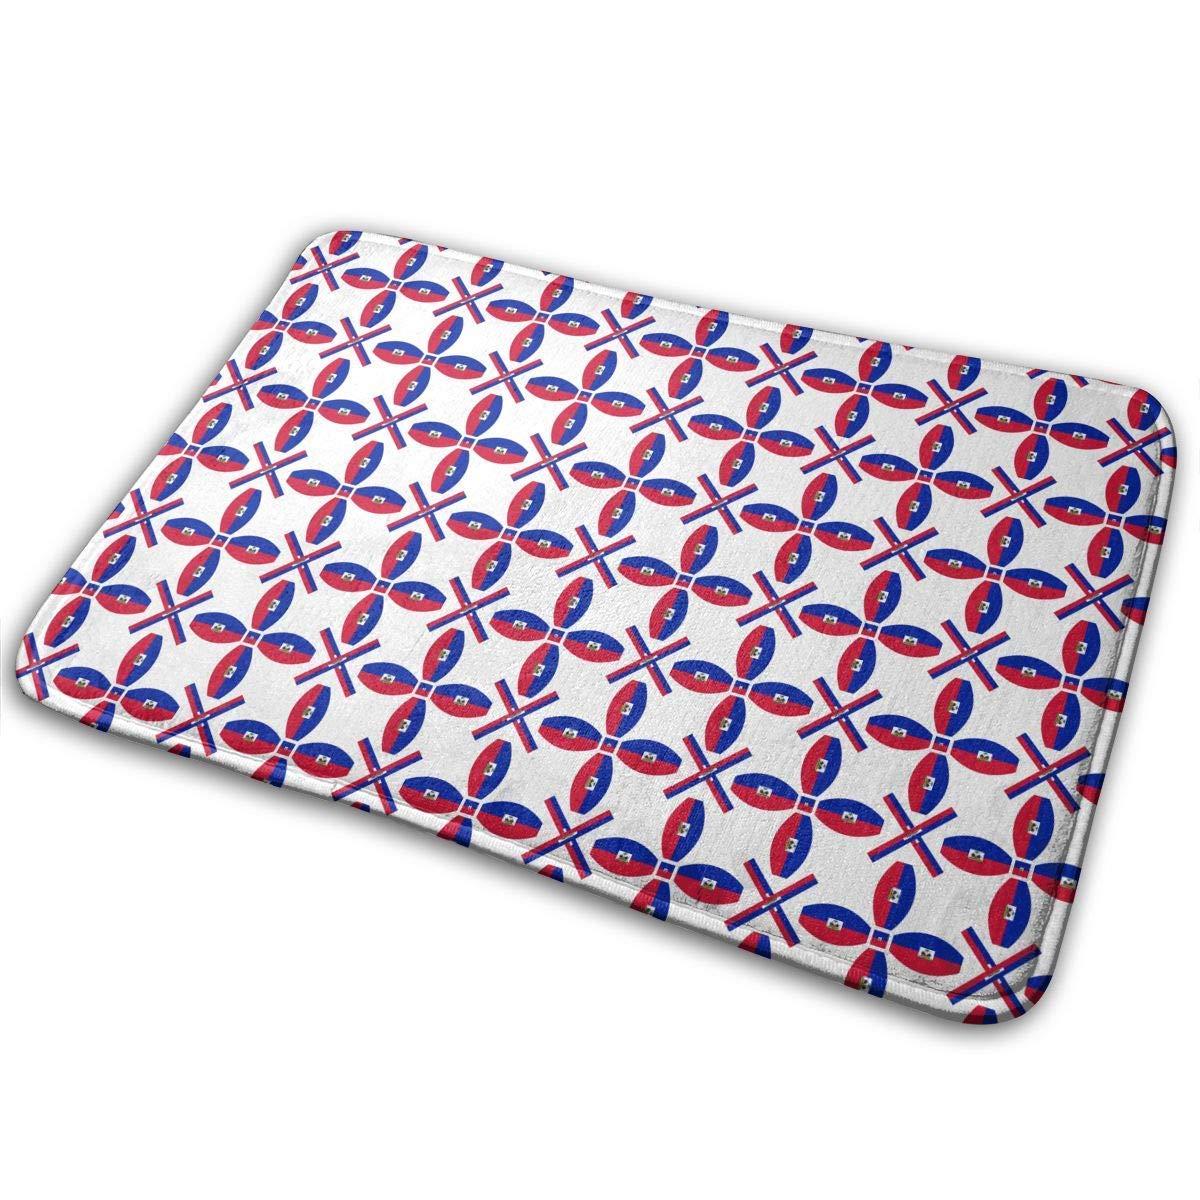 Uosliks Doormat Haiti Texture Flag Fashion Welcome Door Mats Dog Carpet Indoor Outdoor Shoe Sraper 19.7x31.5 inch